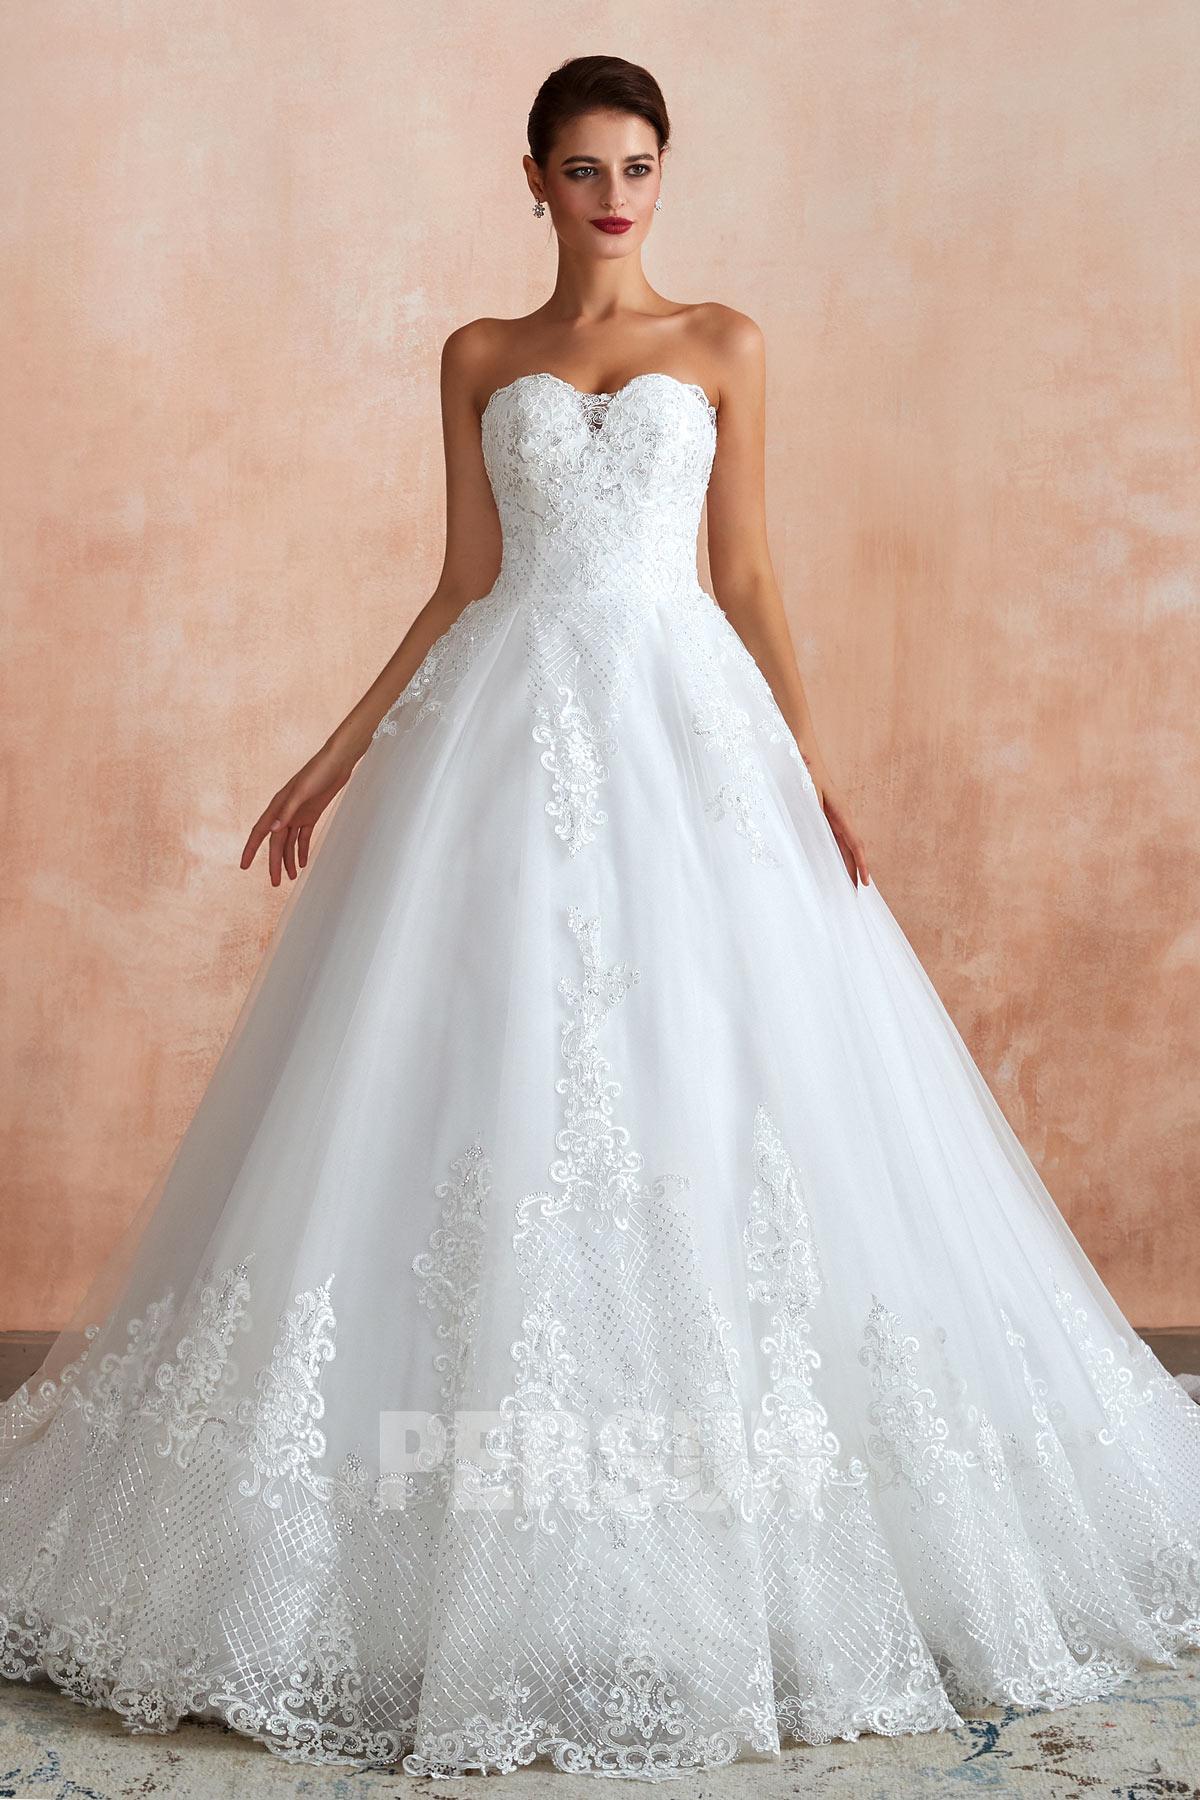 robe de mariée princesse vintage bustier coeur en dentelle appliquée florale